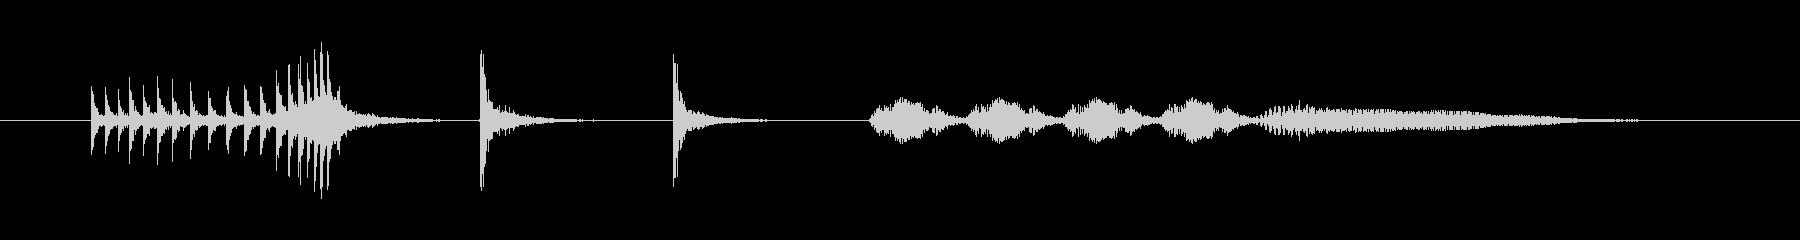 ギィーチョチョ フゴフゴ 場面転換 #2の未再生の波形